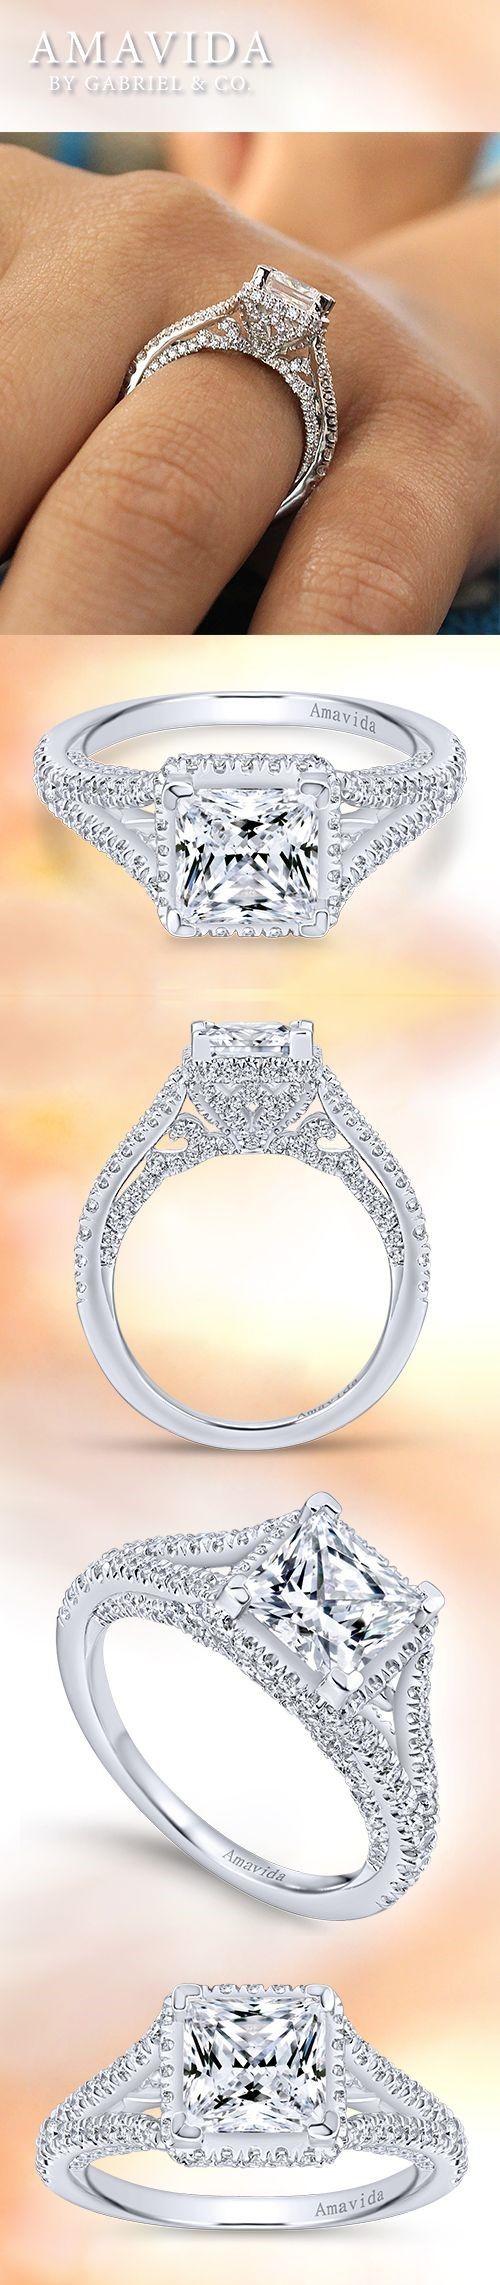 best rings images on pinterest